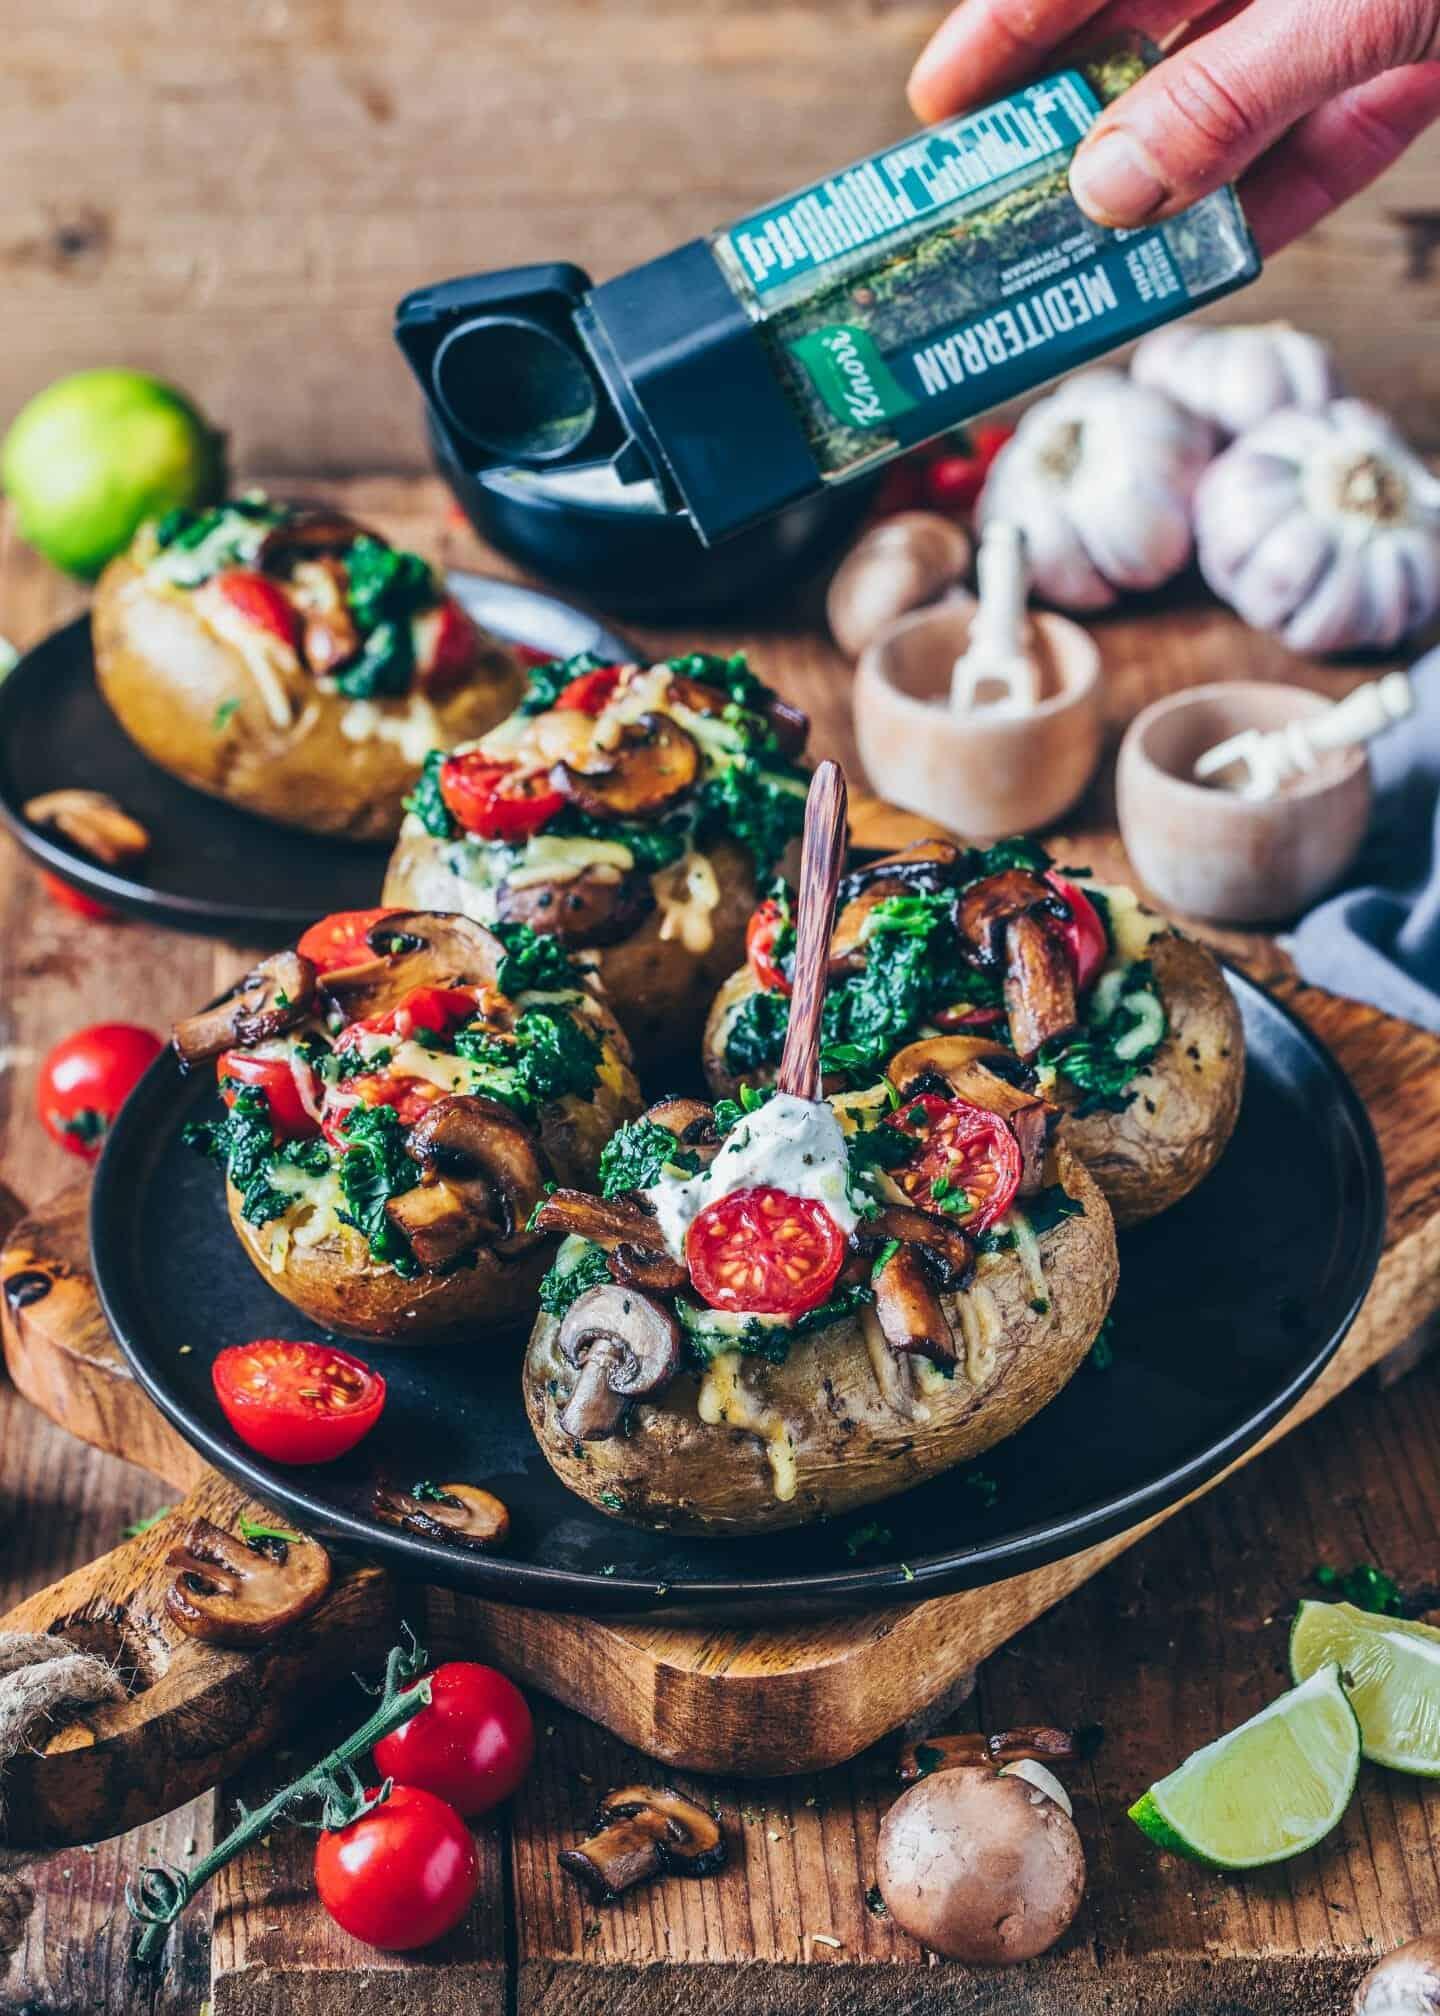 Gefüllte Ofen-Kartoffeln mit Spinat, Pilzen, Tomaten und veganem Käse. Dieses Backkartoffel Rezept mit Kräuterquark ist einfach, gesund und lecker!